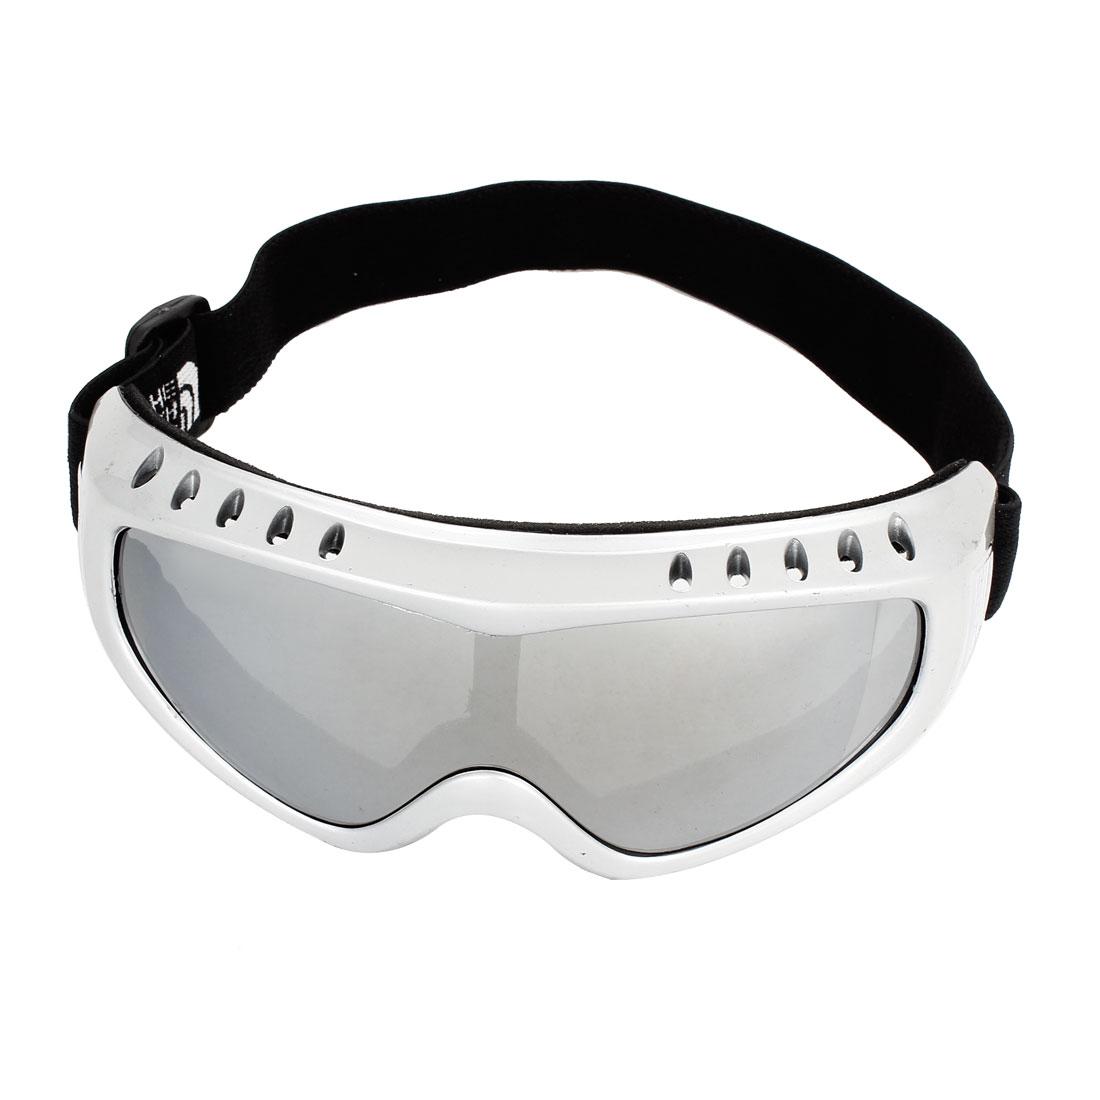 Colorful Lens Black Full Rimmed Sponge Loaded Motorbike Safety Glasses Gray